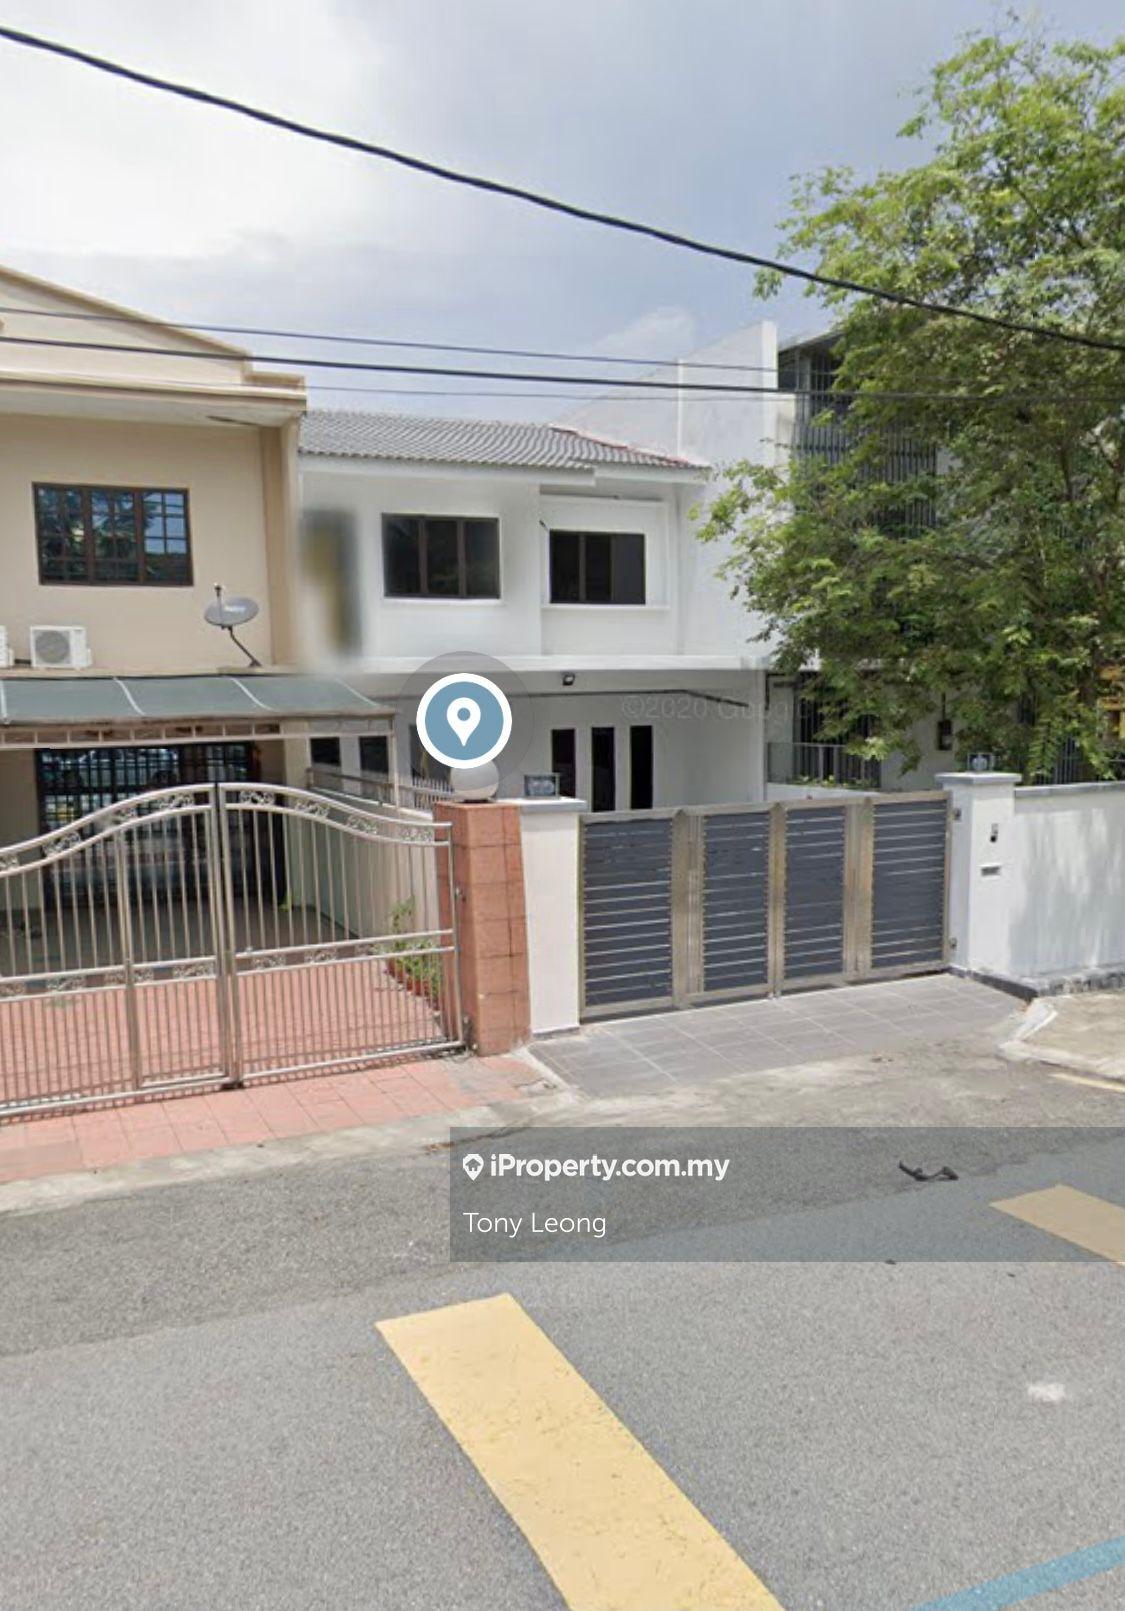 BANGSAR 2STY 25X75, Bangsar